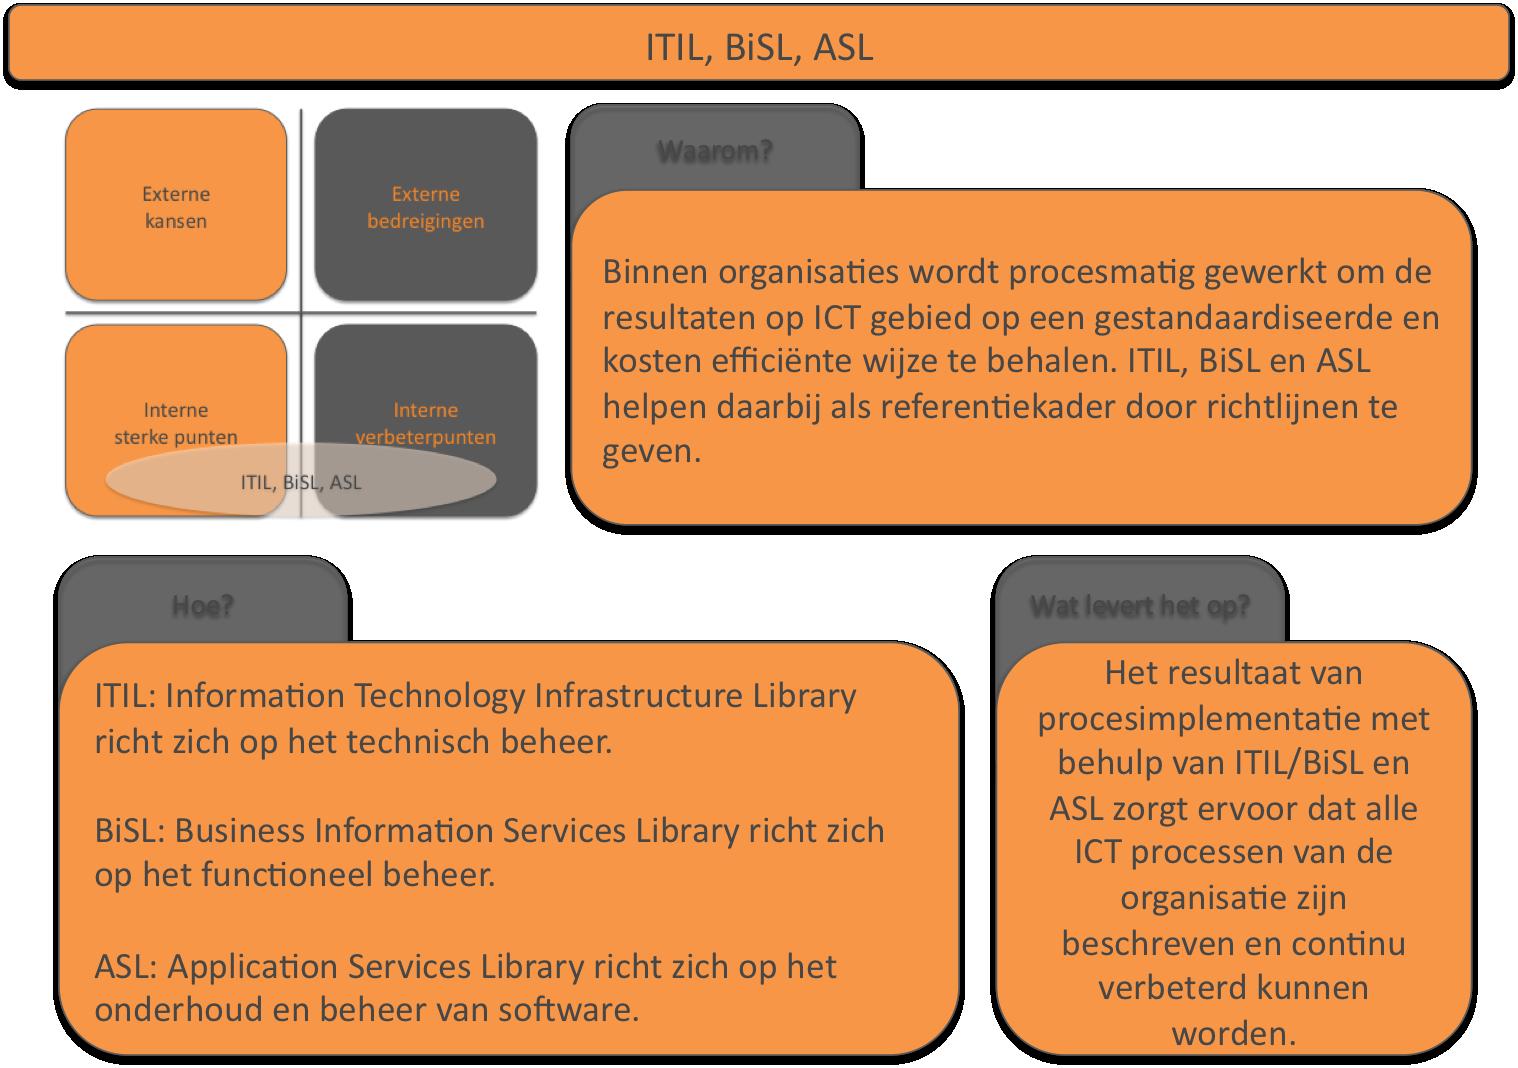 ITIL BiSL en ASL